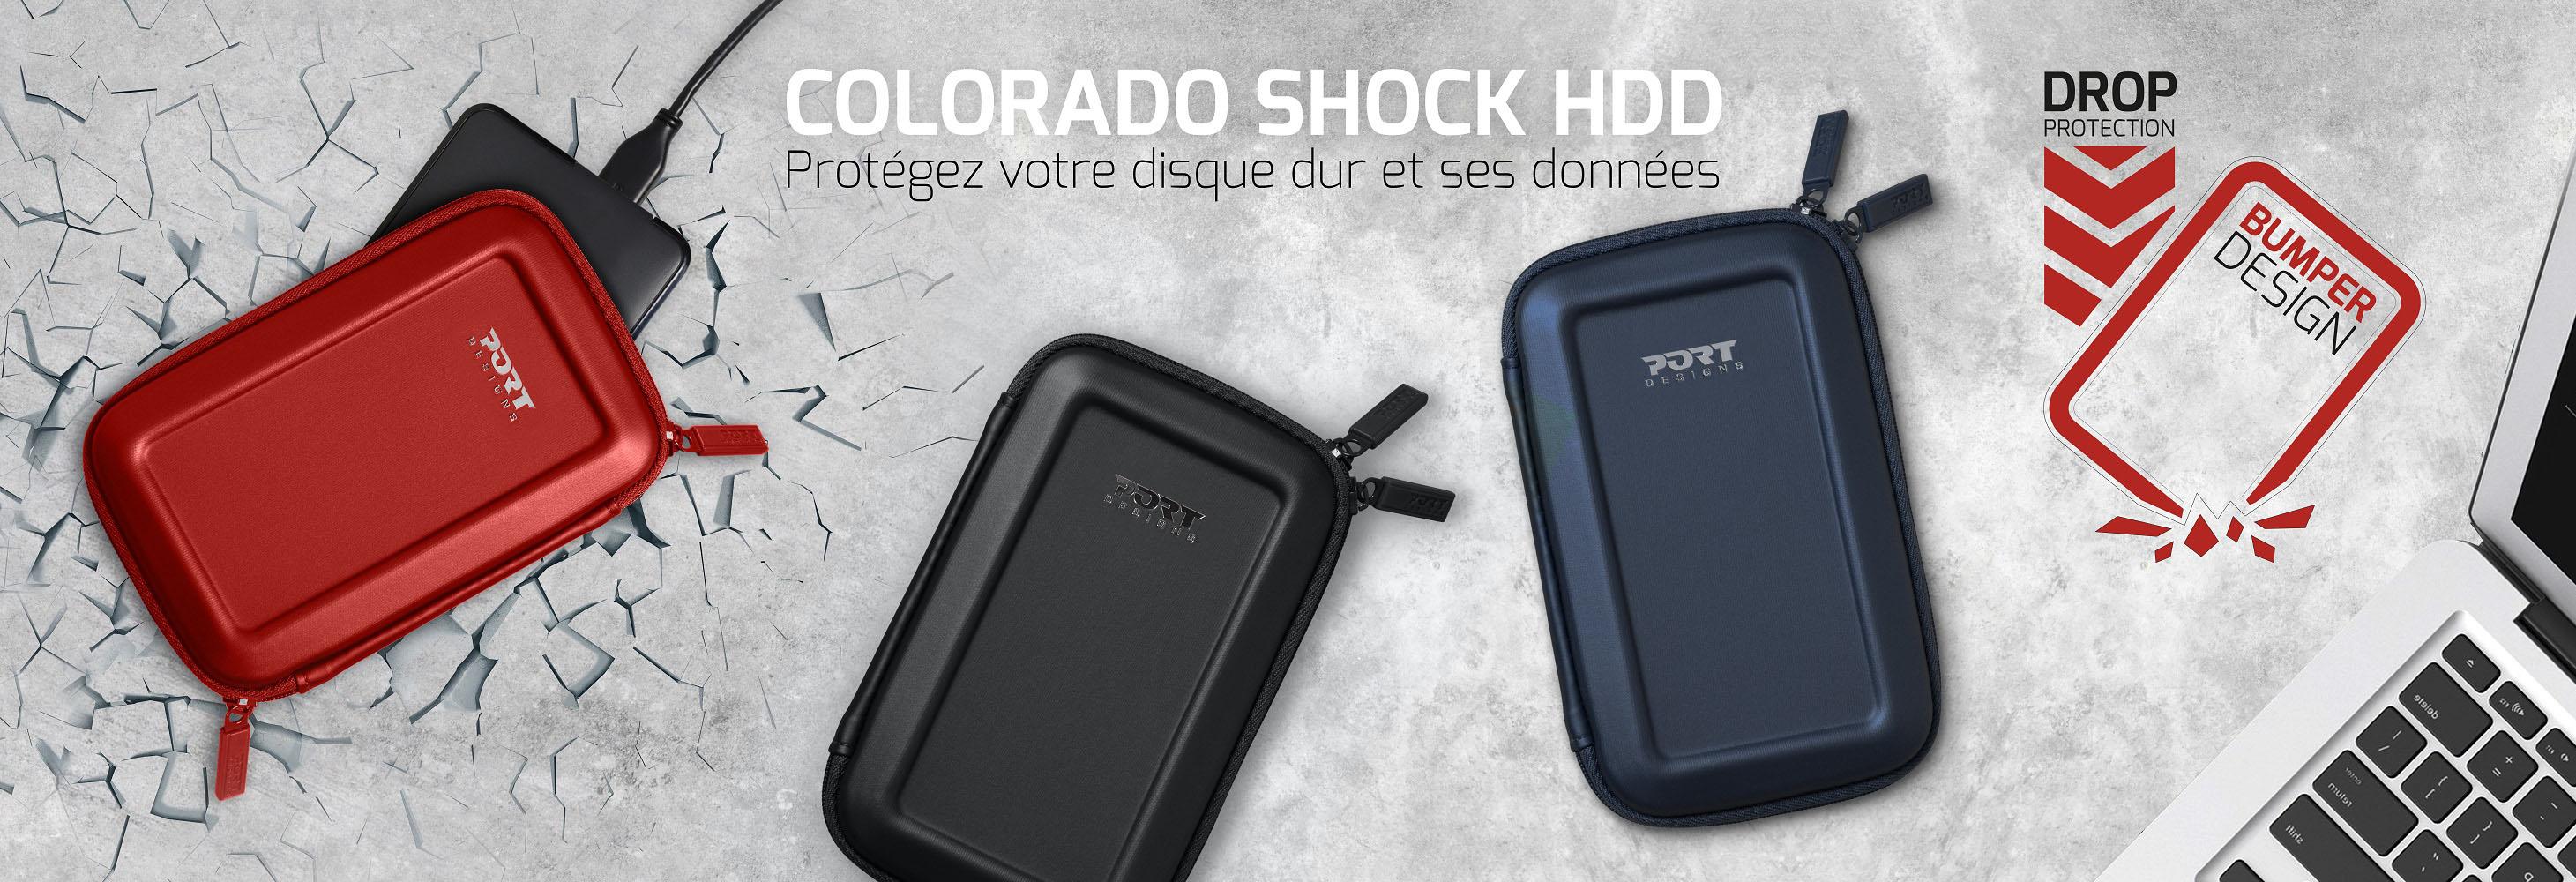 Colorado shock HDD